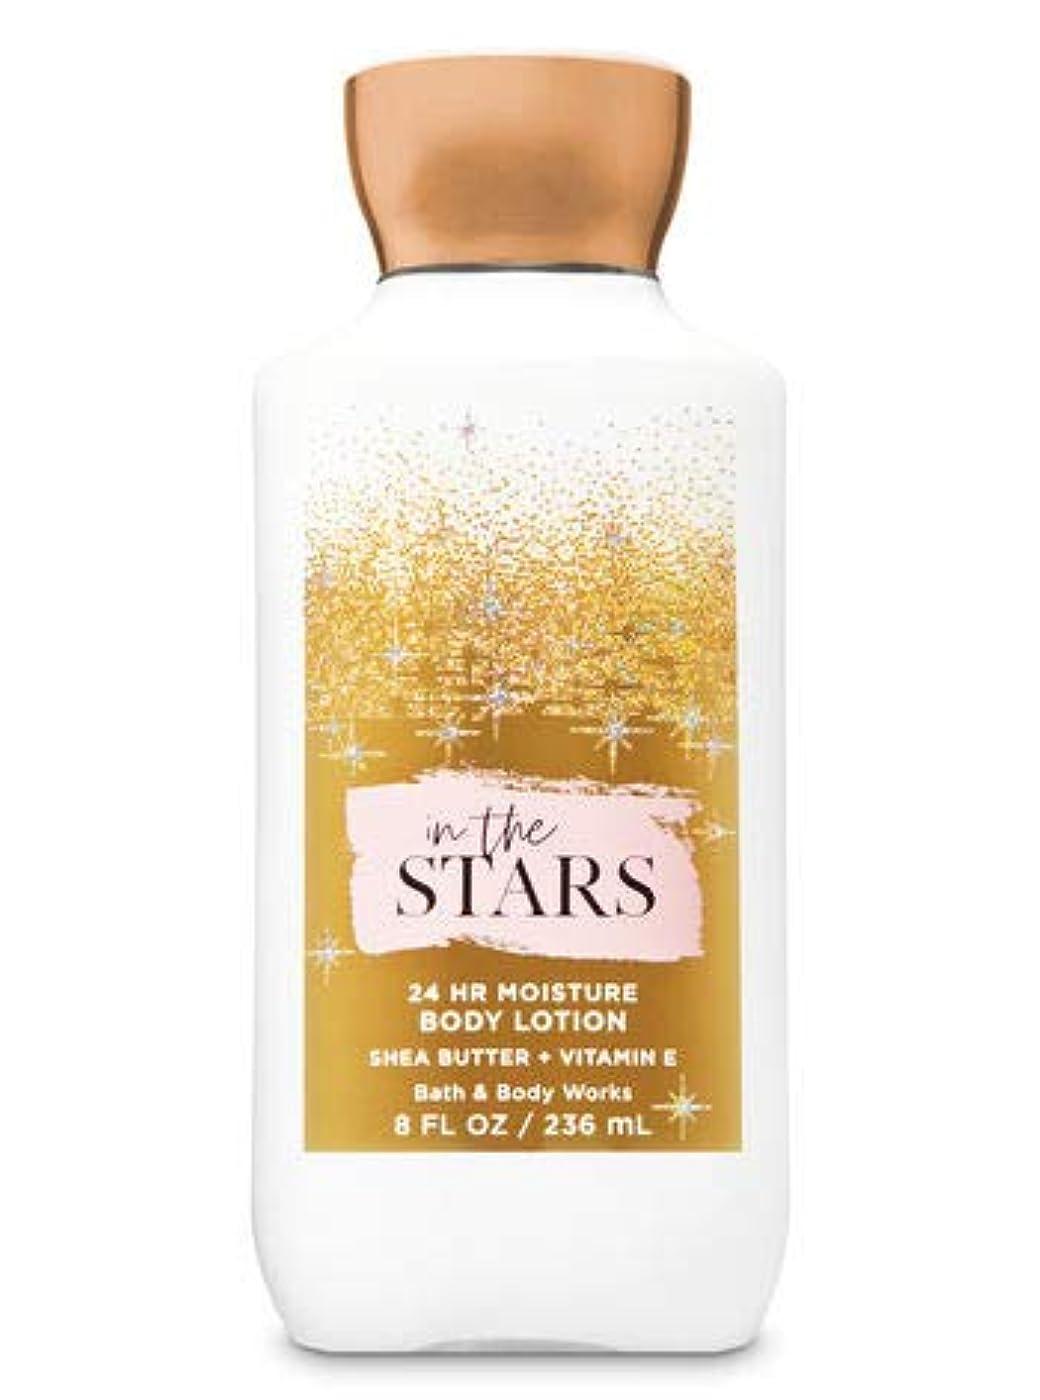 分注する注釈を付けるわずらわしい【Bath&Body Works/バス&ボディワークス】 ボディローション インザスターズ Super Smooth Body Lotion in the Stars 8 fl oz / 236 mL [並行輸入品]